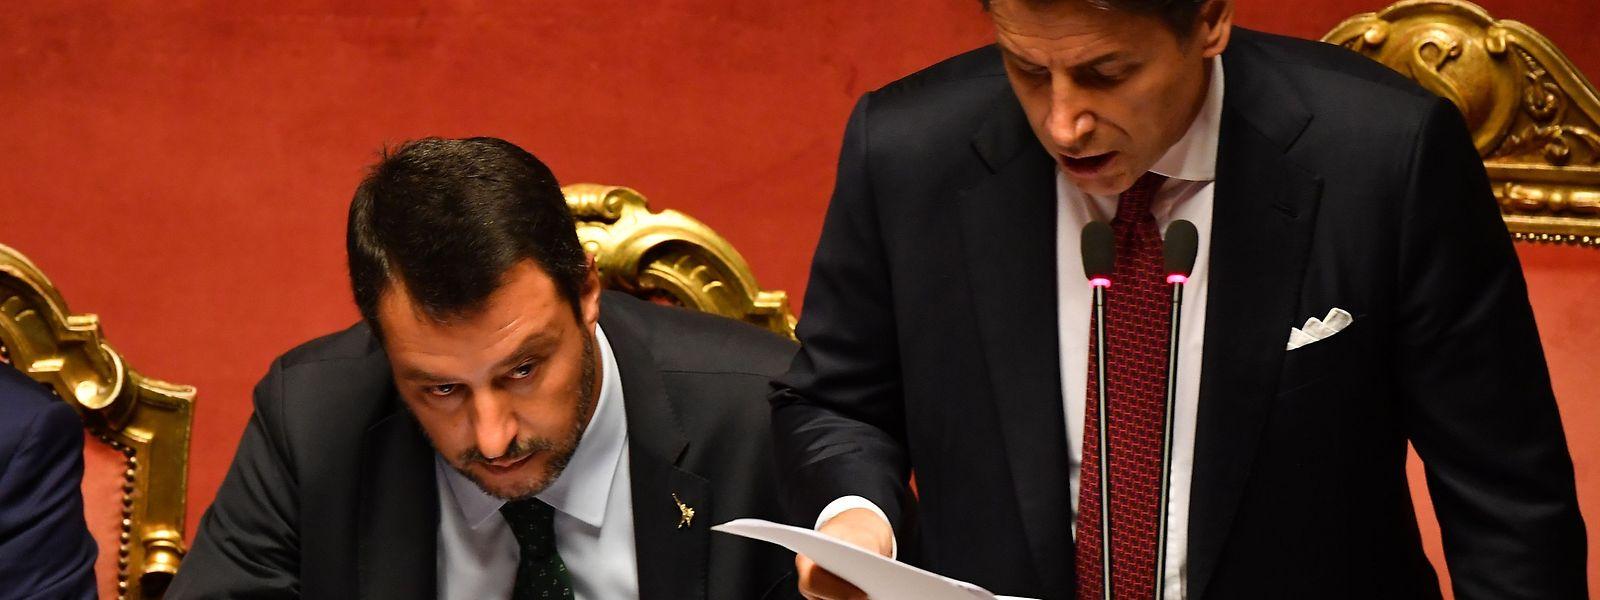 Giuseppe Conte, le chef du gouvernement italien, a annoncé sa démission et accusé Matteo Salvini (à gauche) d'avoir été «irresponsable»